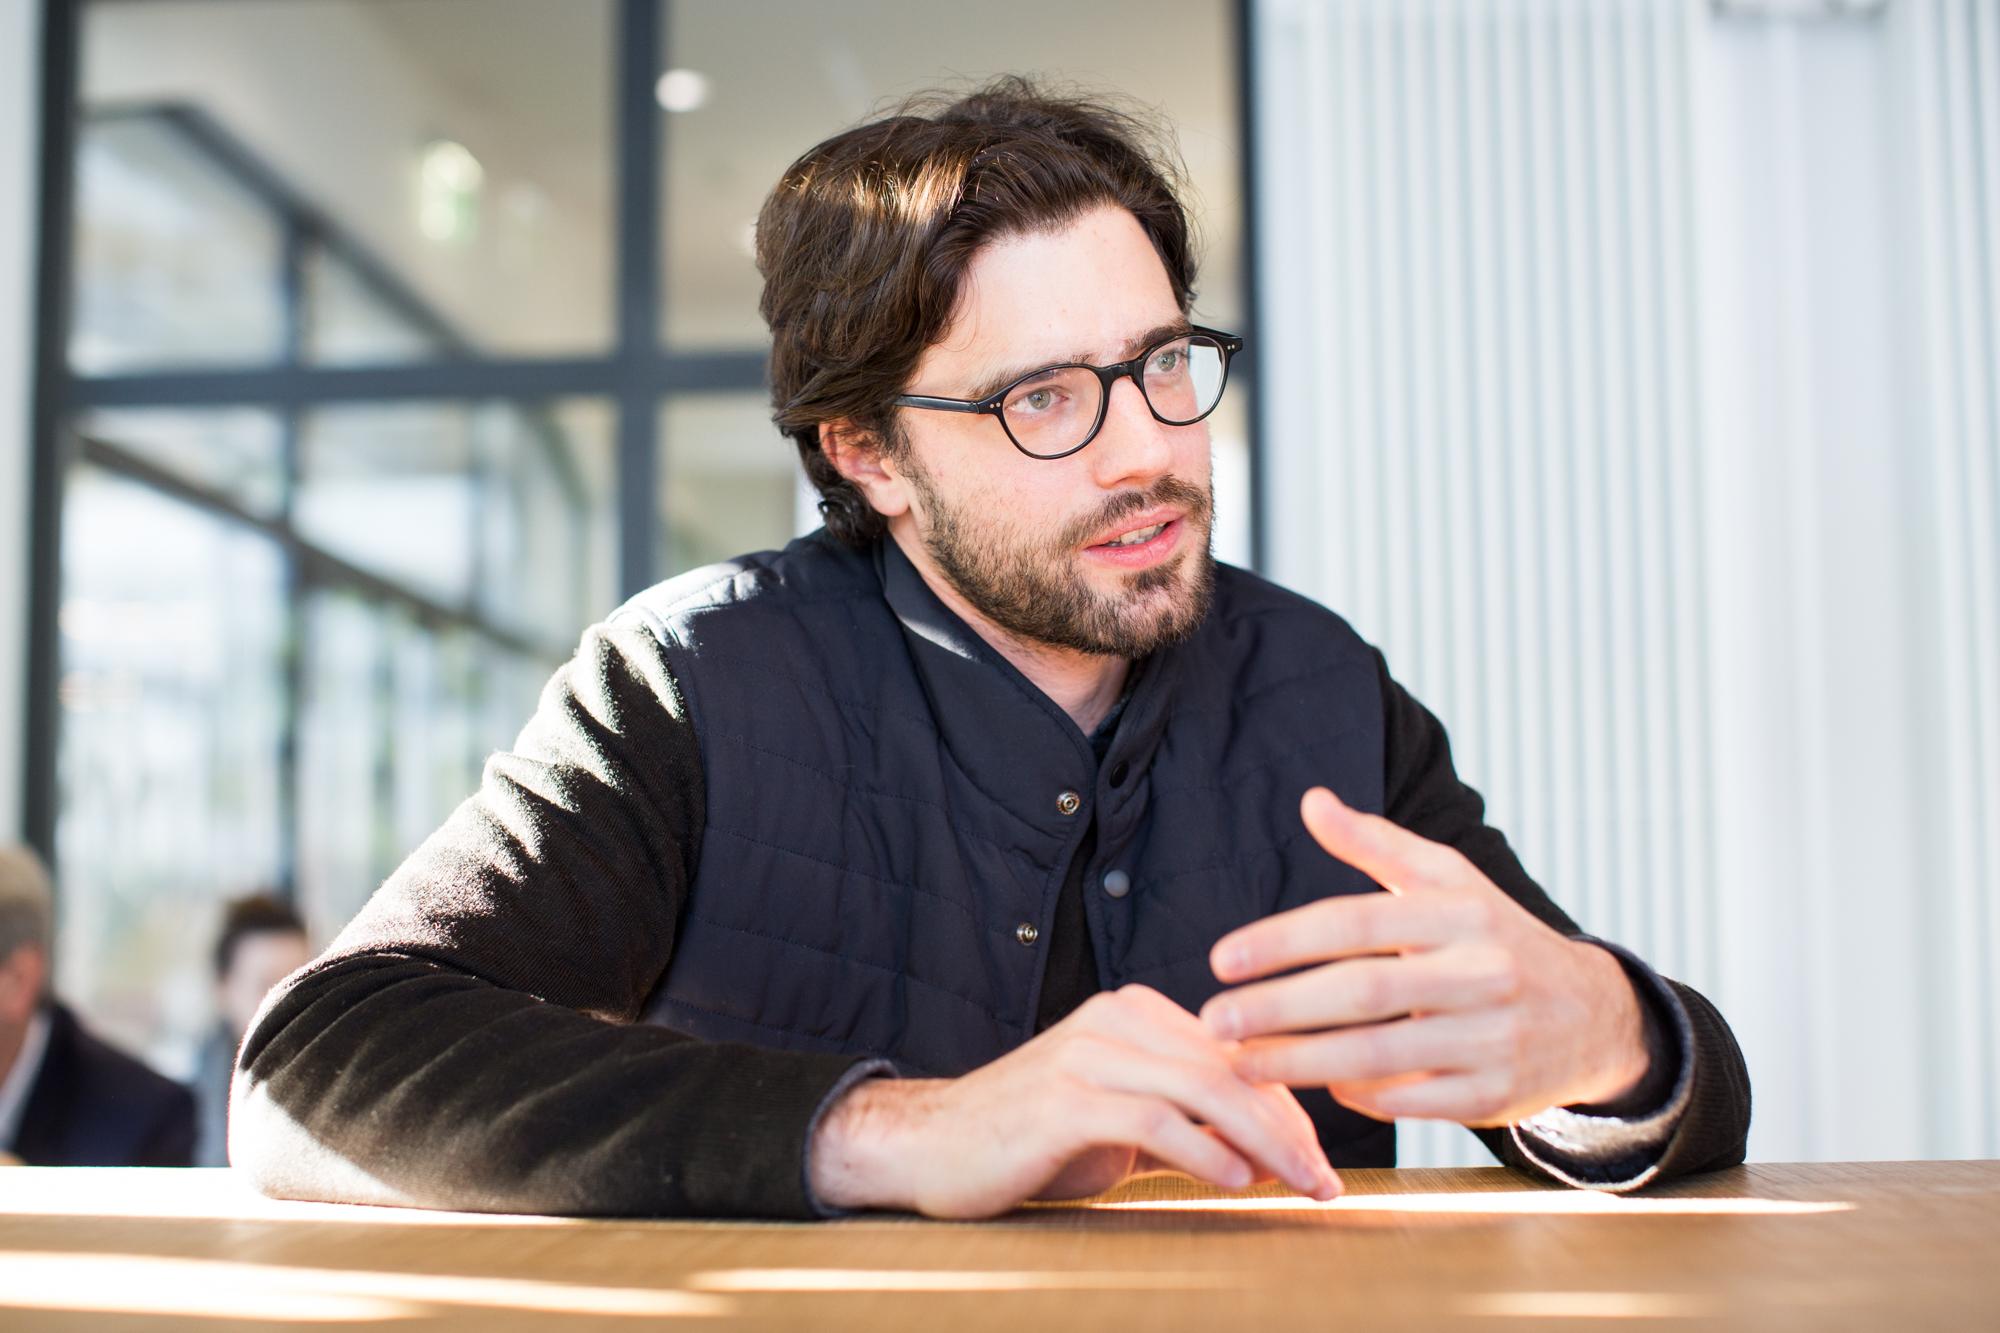 «Es geht mir ums anschauen und beschreiben»: Stefan Karrer verzichtet auf politische Statements.